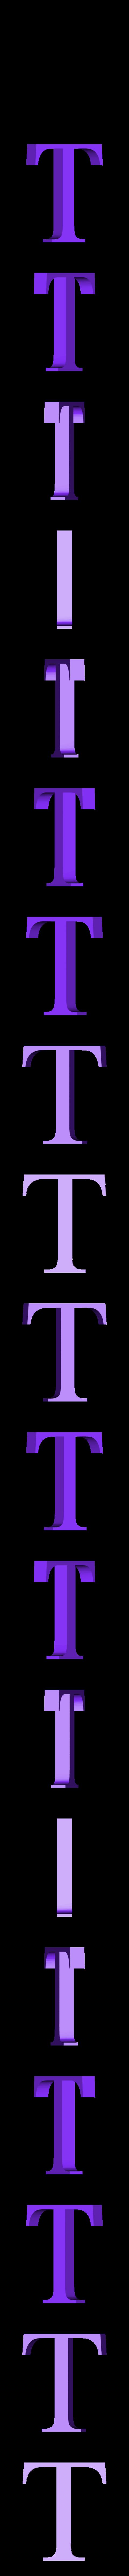 T.STL Télécharger fichier STL gratuit alphabet • Modèle pour imprimante 3D, Cerega